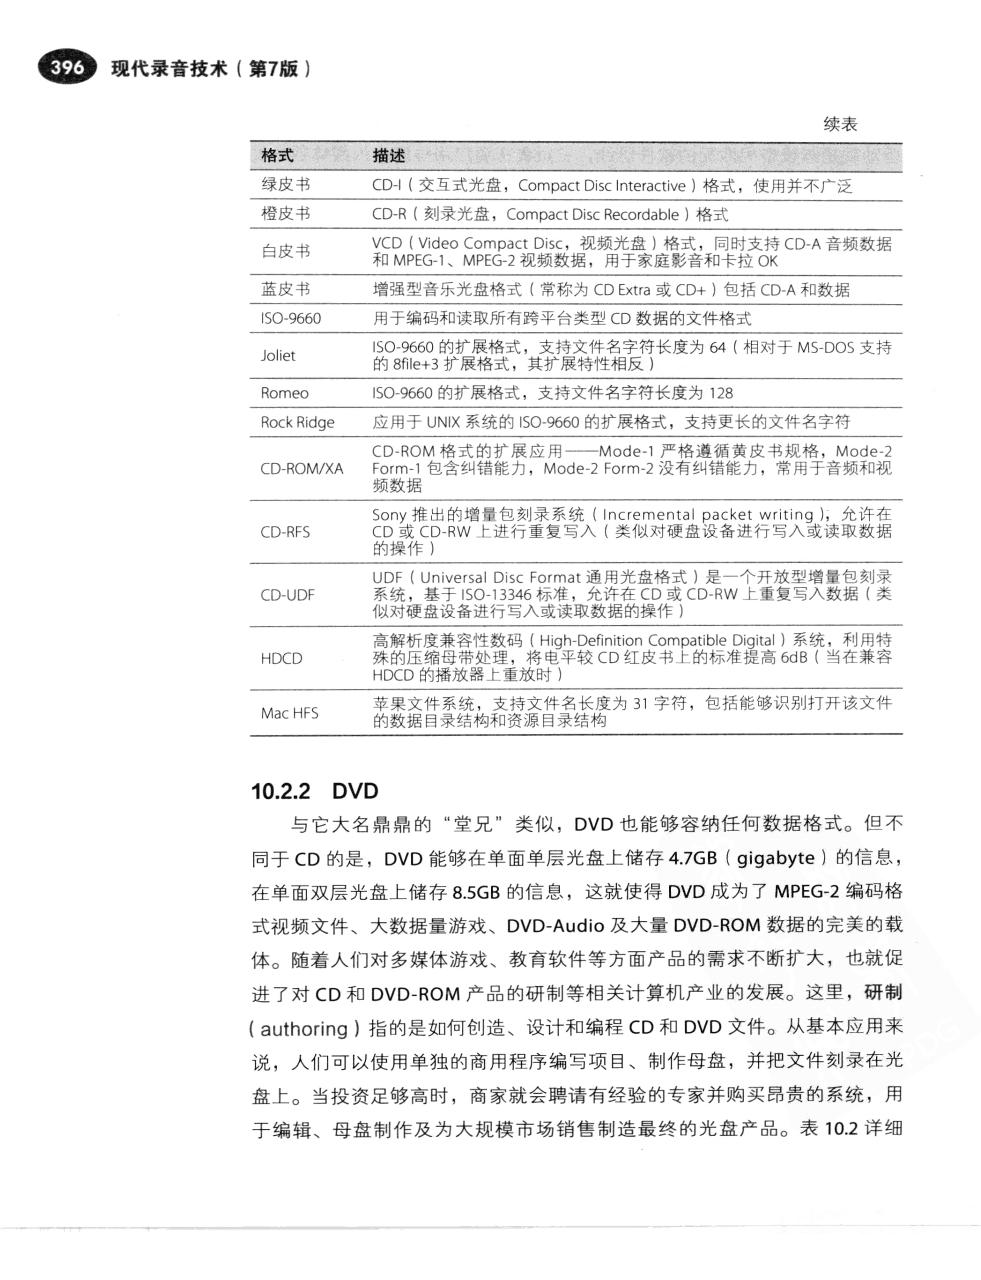 现代录音技术(第7版) 423